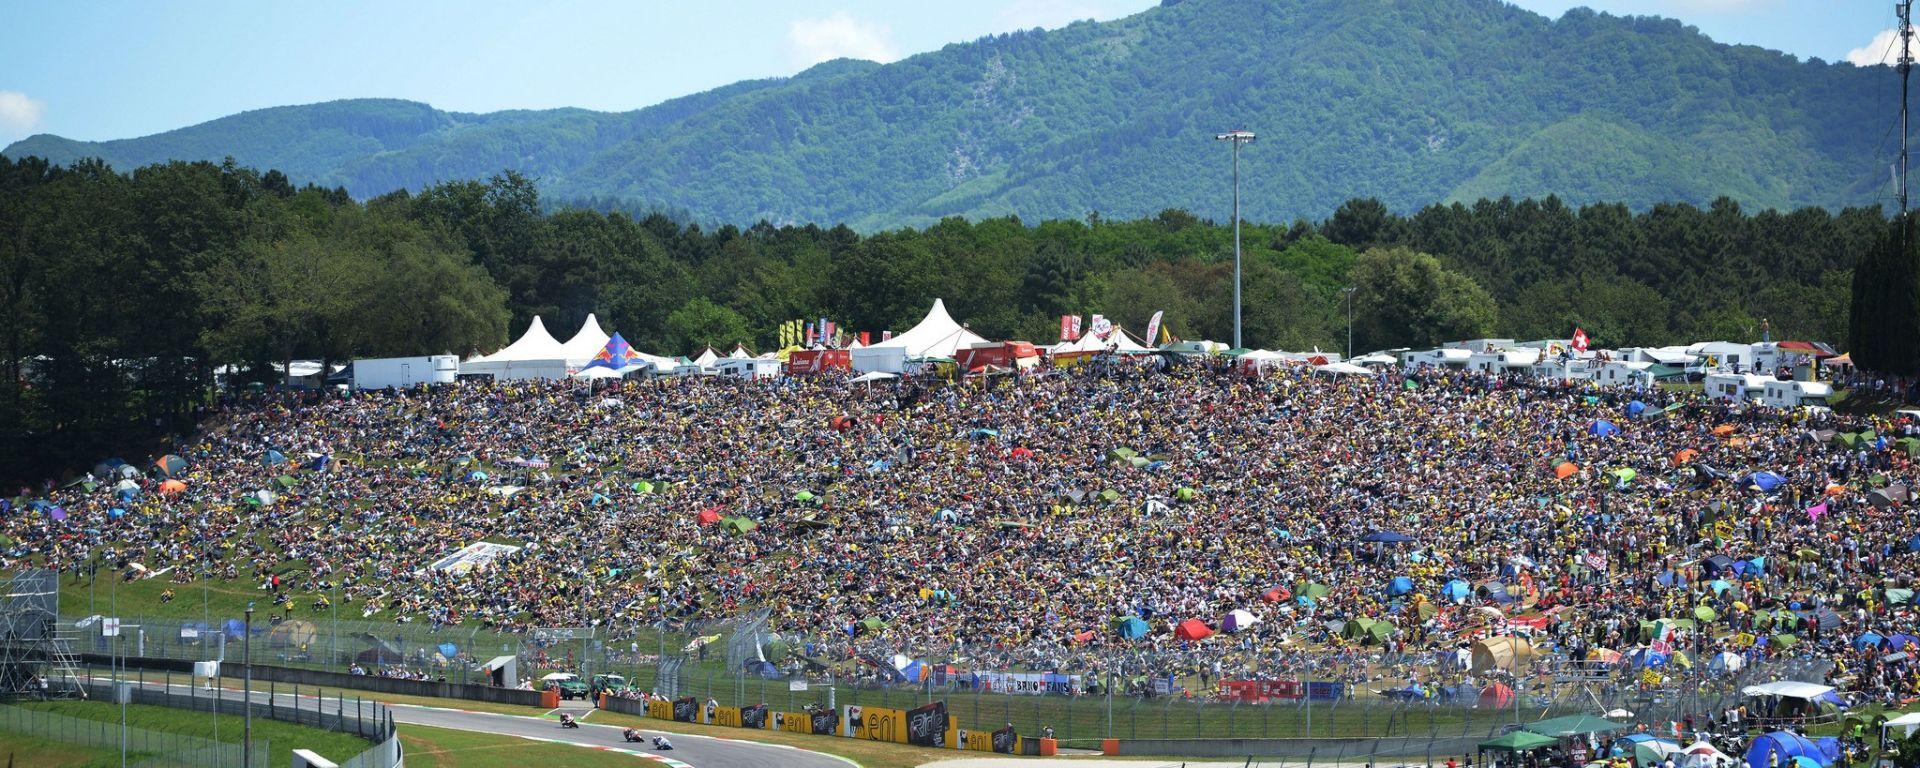 MotoGP Mugello Italia: Prove libere, qualifiche, risultati gara